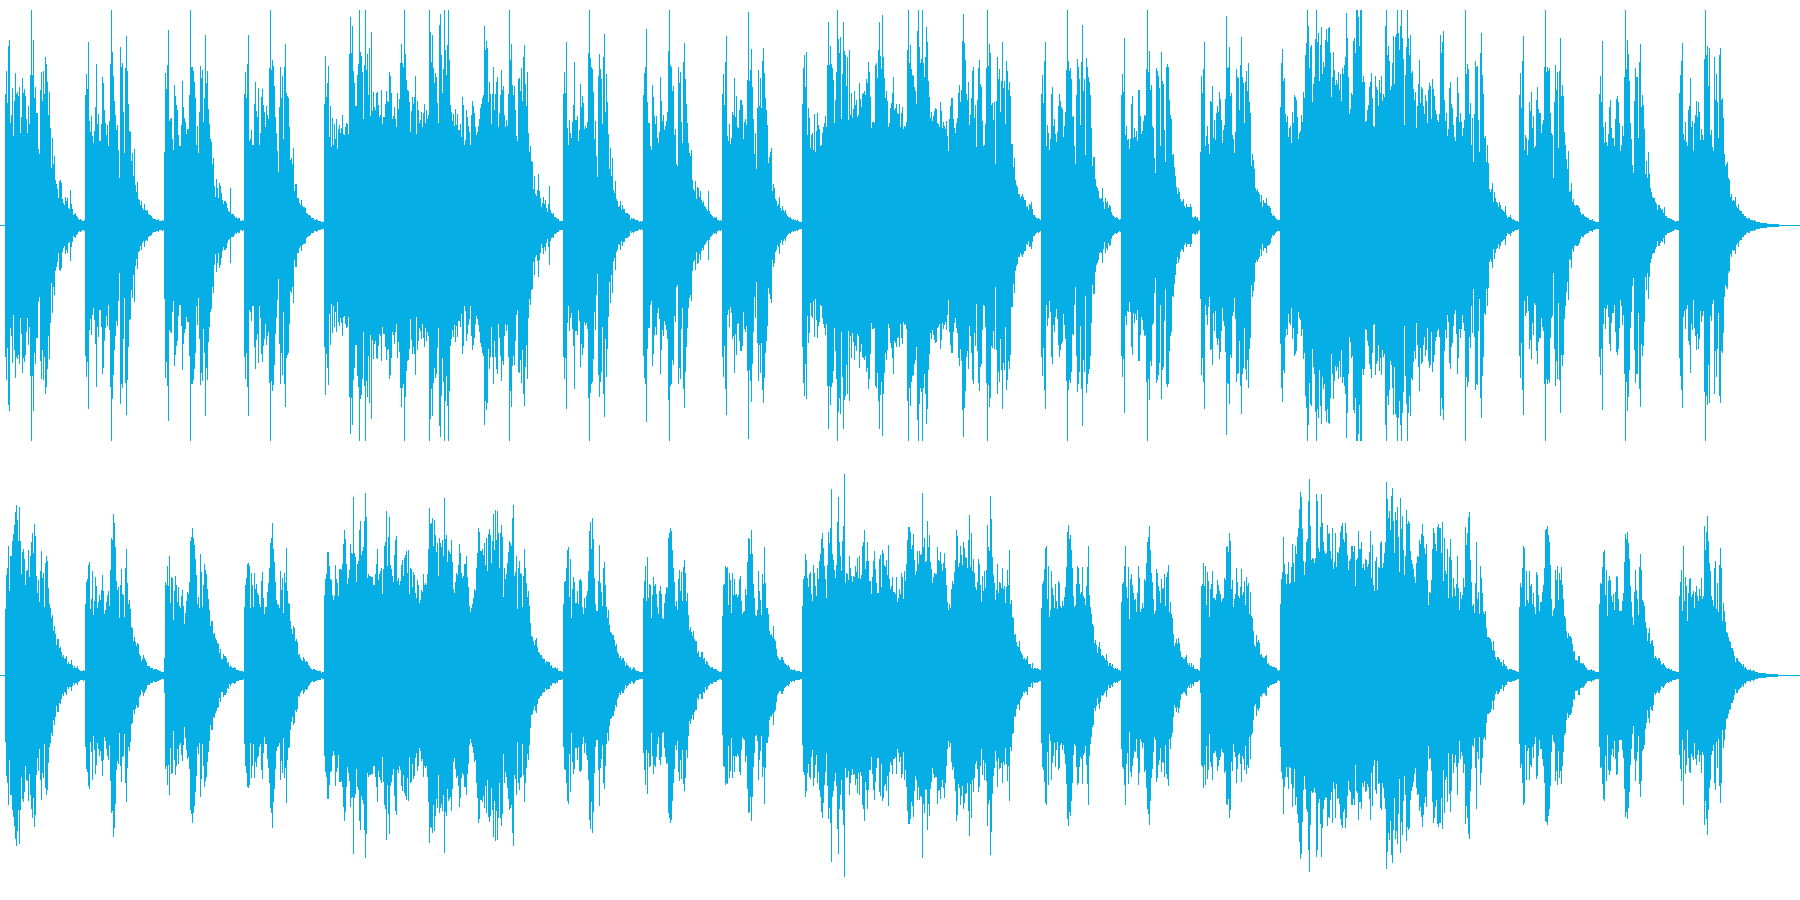 恐怖感を演出 ダークなシネマチックBGMの再生済みの波形